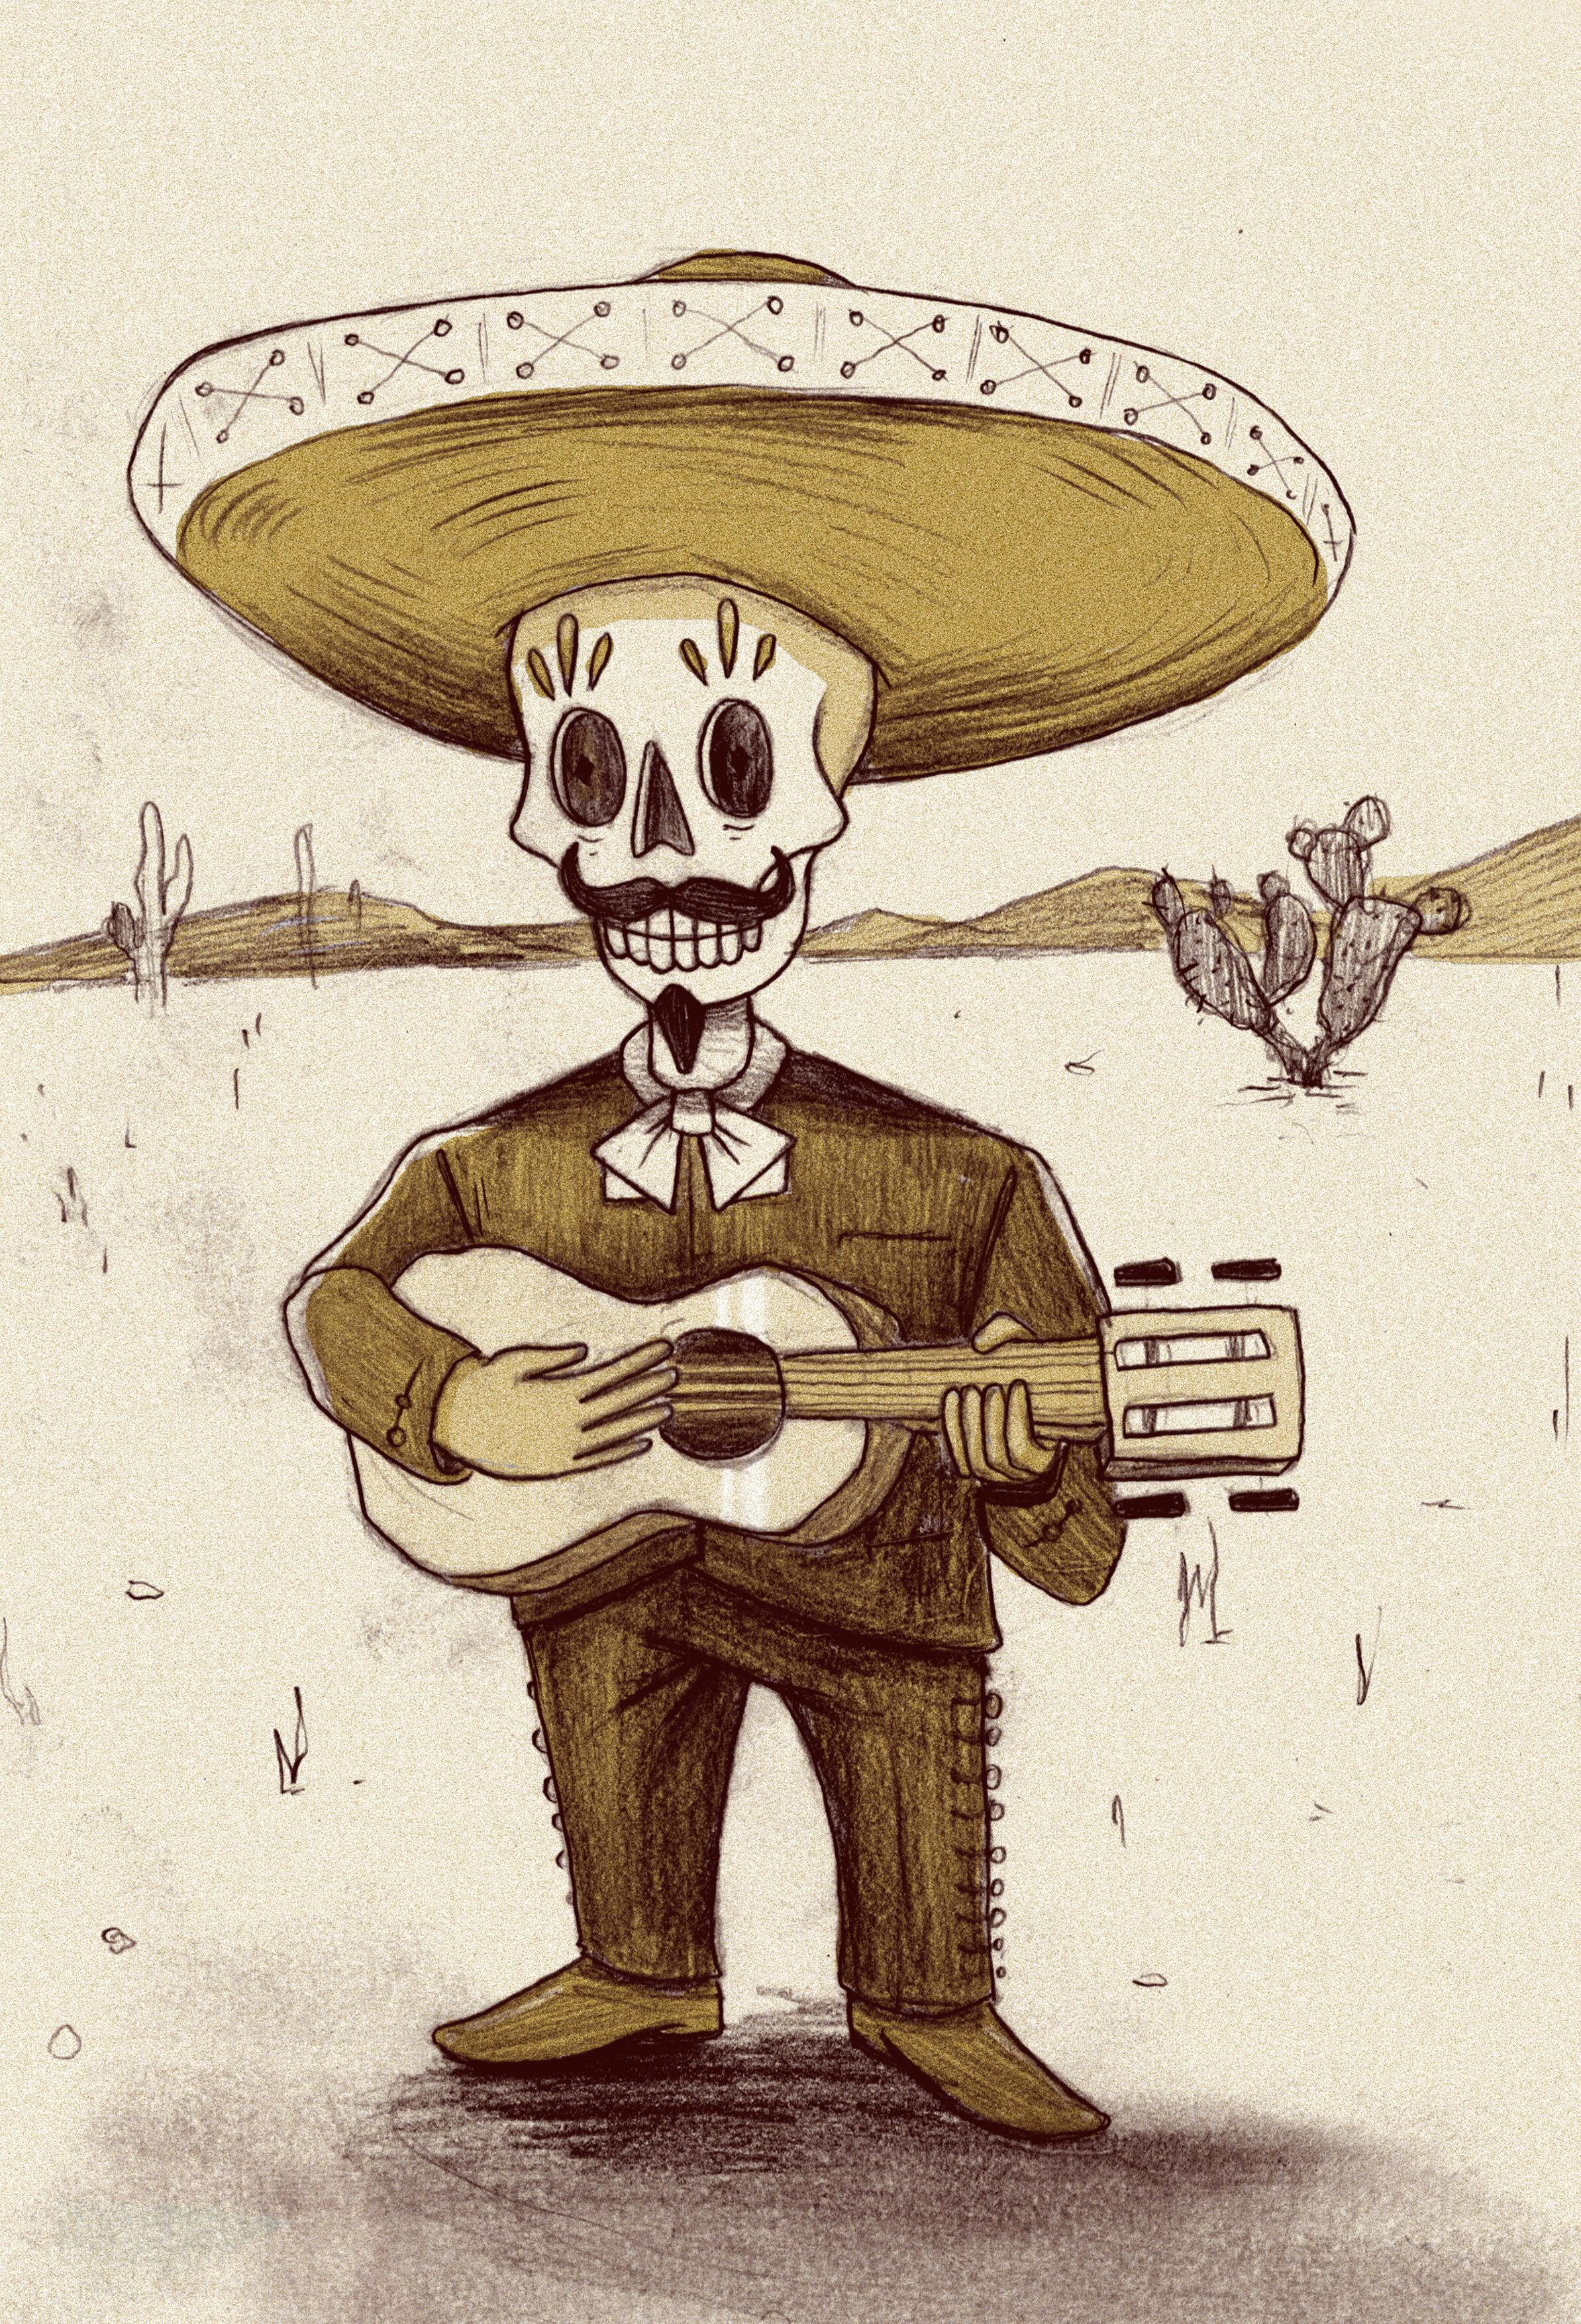 mariachimuerto